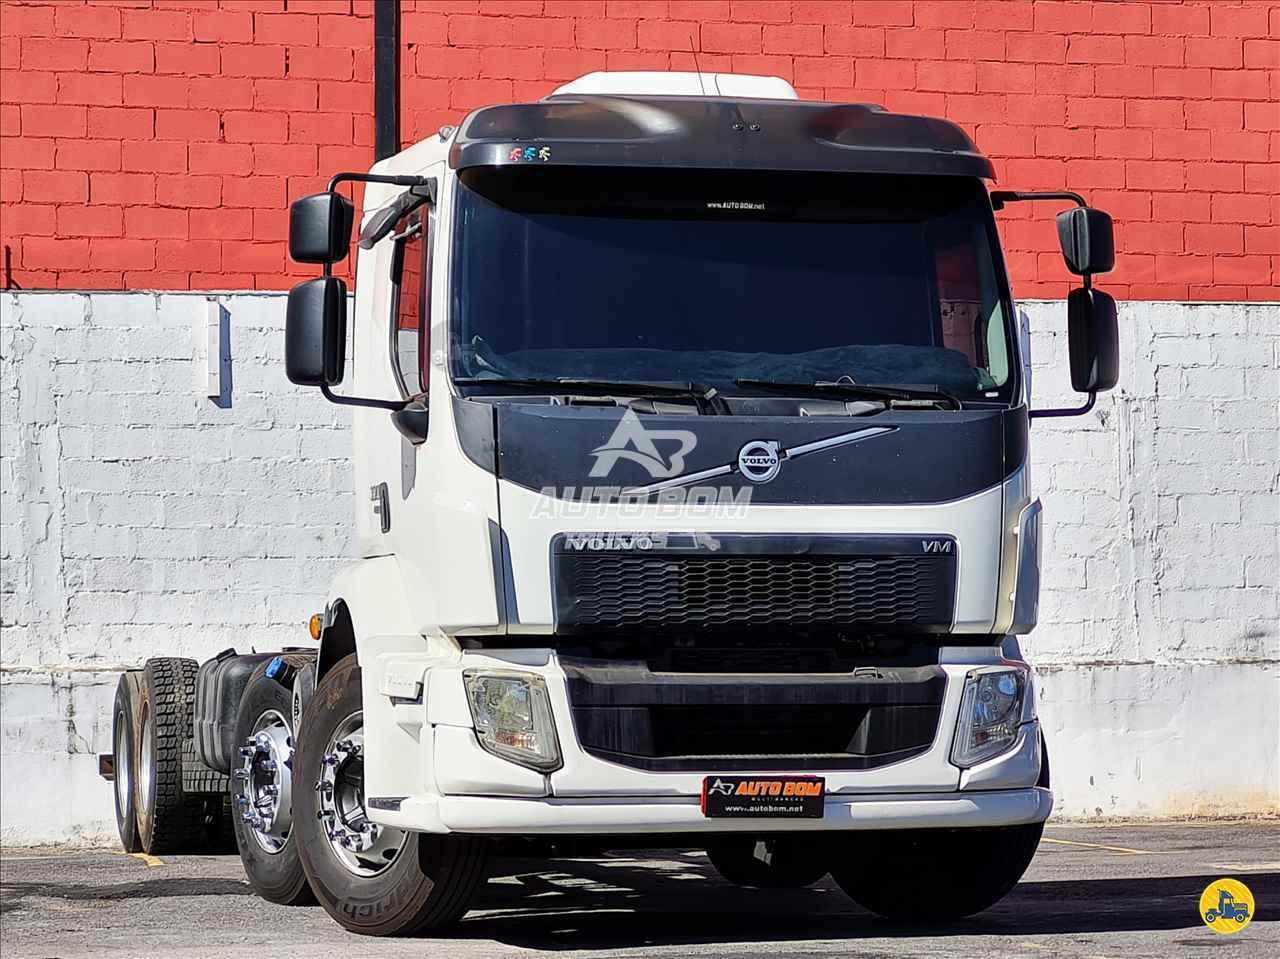 CAMINHAO VOLVO VOLVO VM 330 Chassis BiTruck 8x2 Autobom Trucks CONTAGEM MINAS GERAIS MG